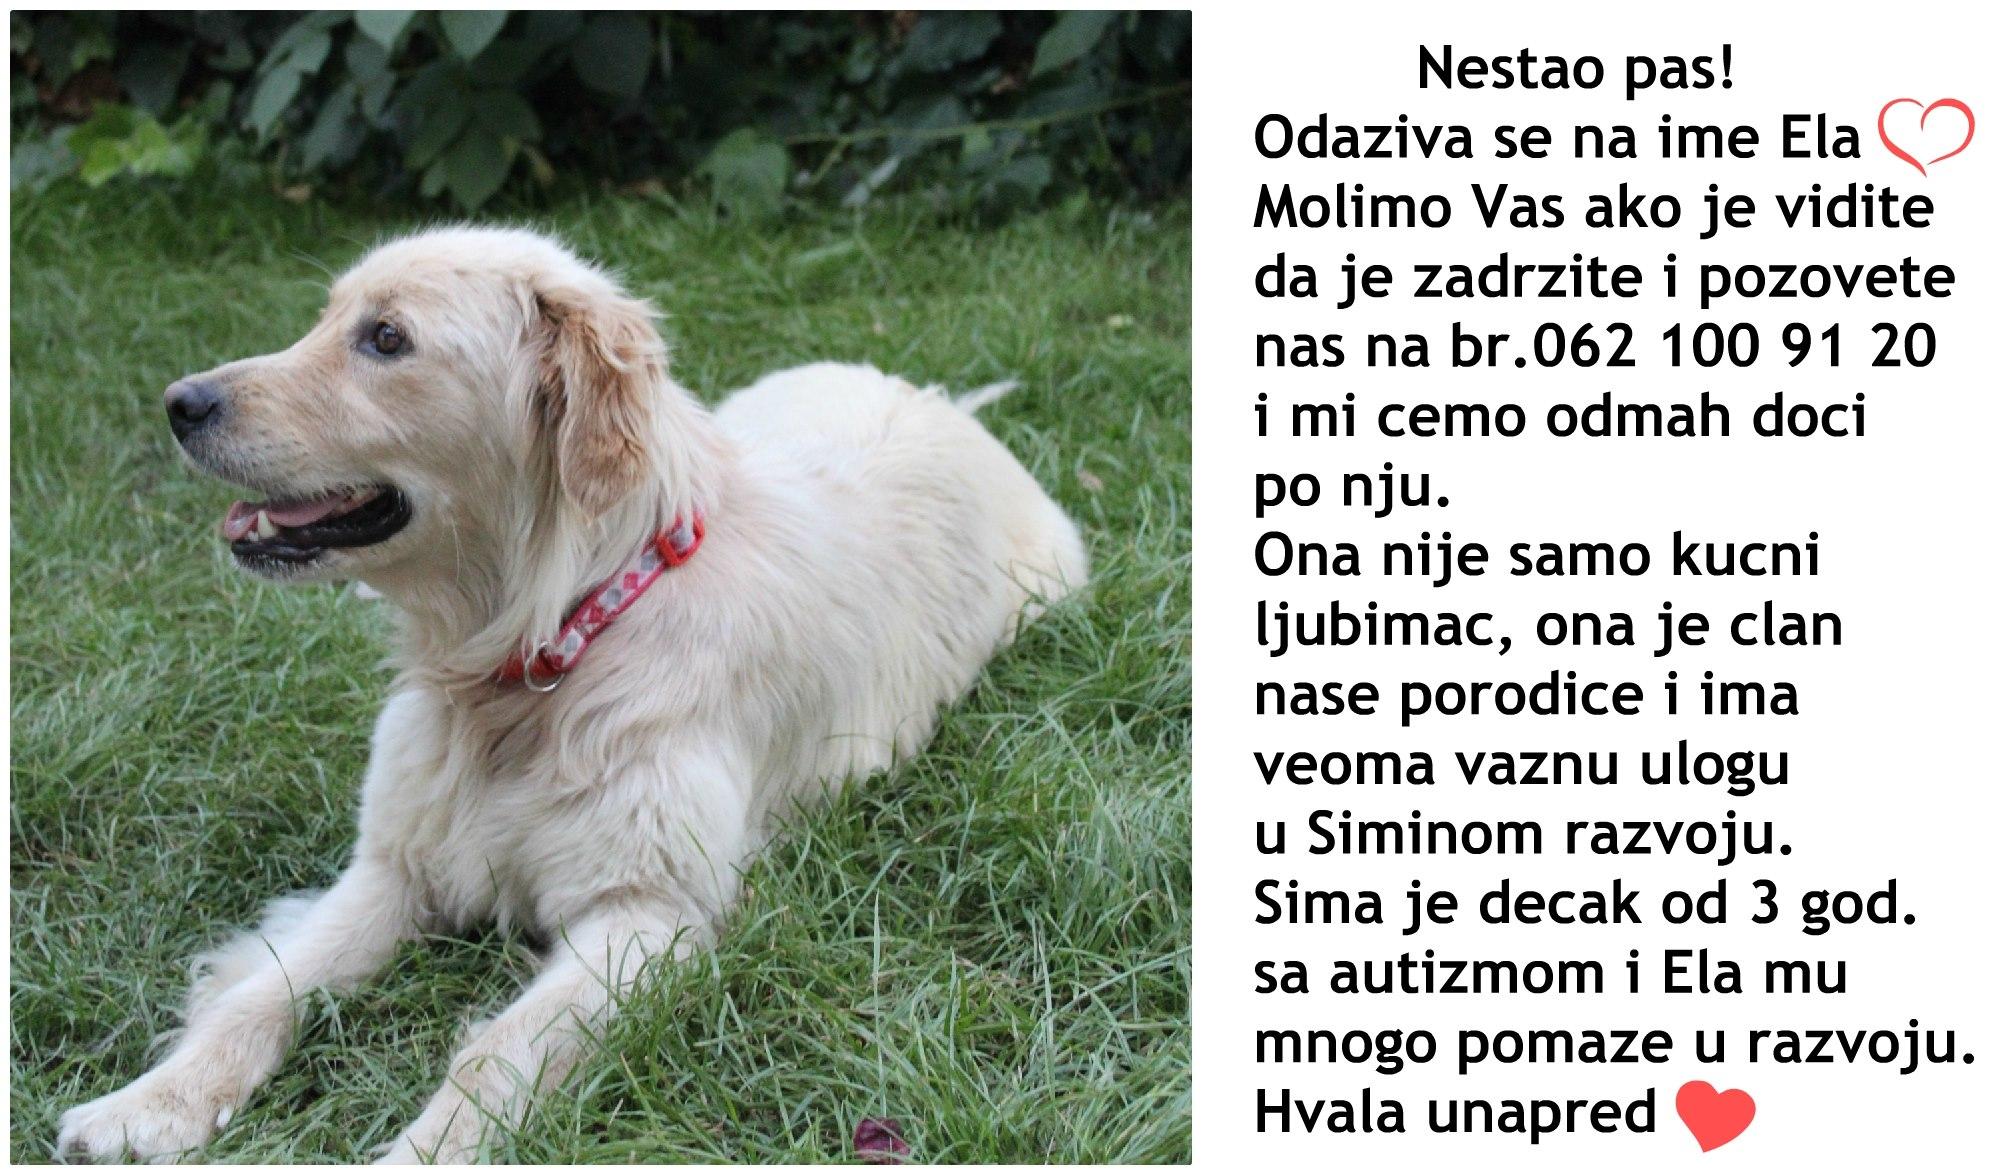 Photo of Da li ste videli ovog psa? Nestao je,  a pomaže našem malom sugrađaninu sa autizomom!